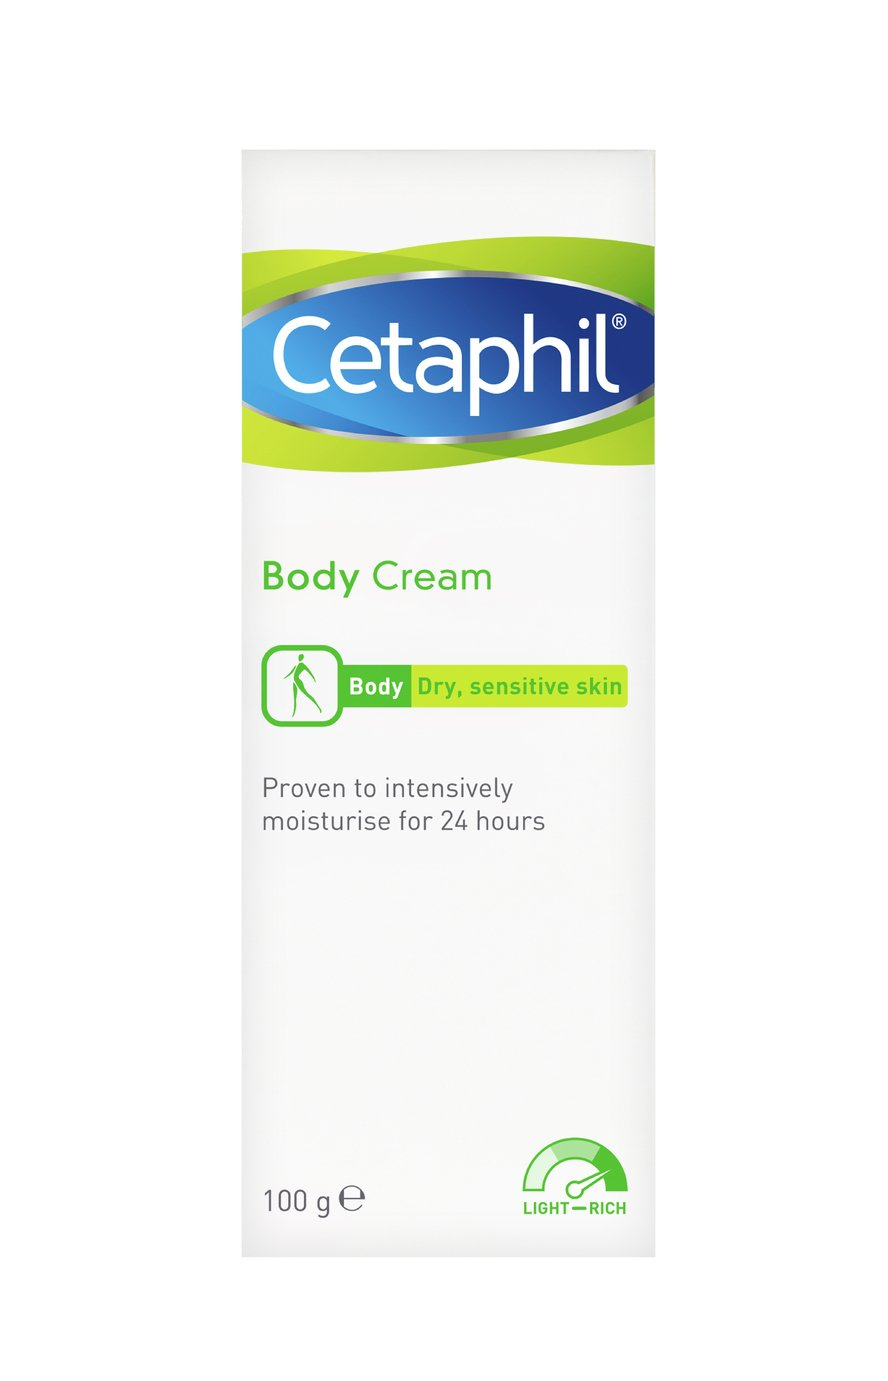 Cetaphil Moisturising Body Cream - 100g